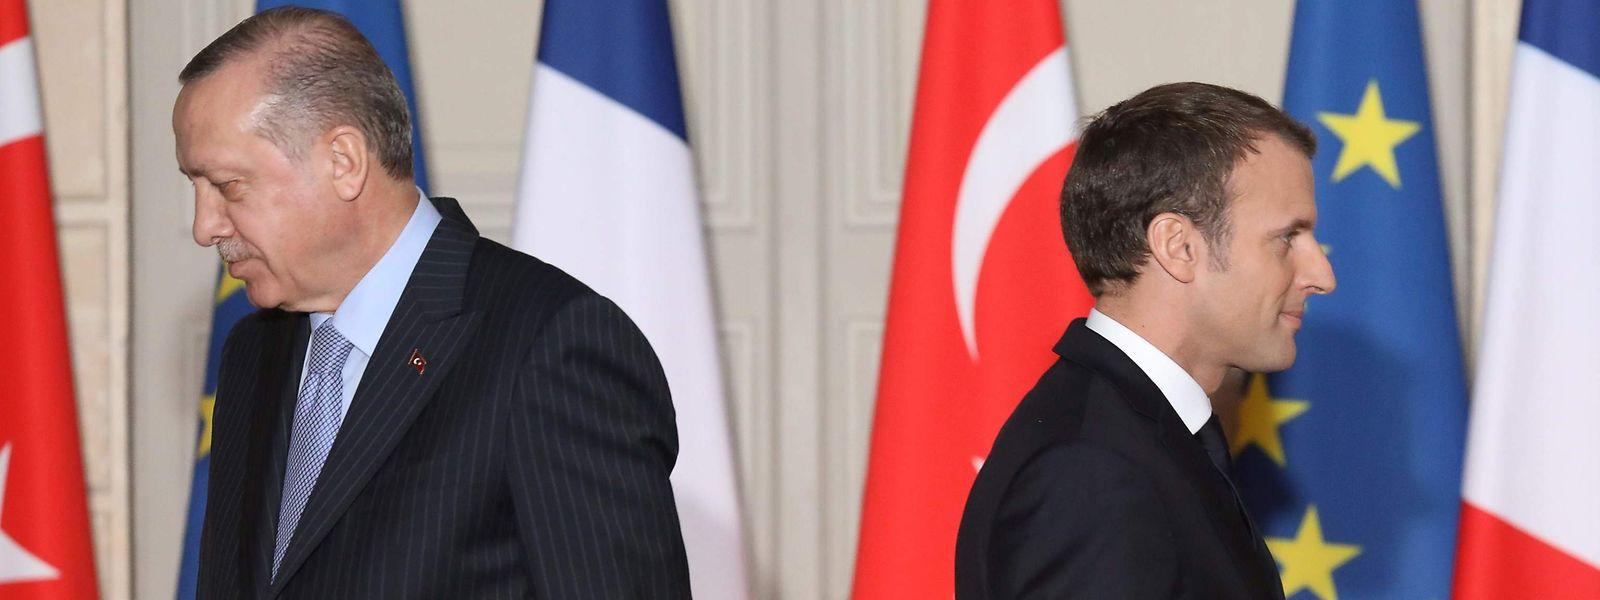 Der französische Präsident Emmanuel Macron zusammen mit seinem türkischen Amtskollegen Recep Tayyip Erdogan bei einer Pressekonferenz in Paris im Jahr 2018.